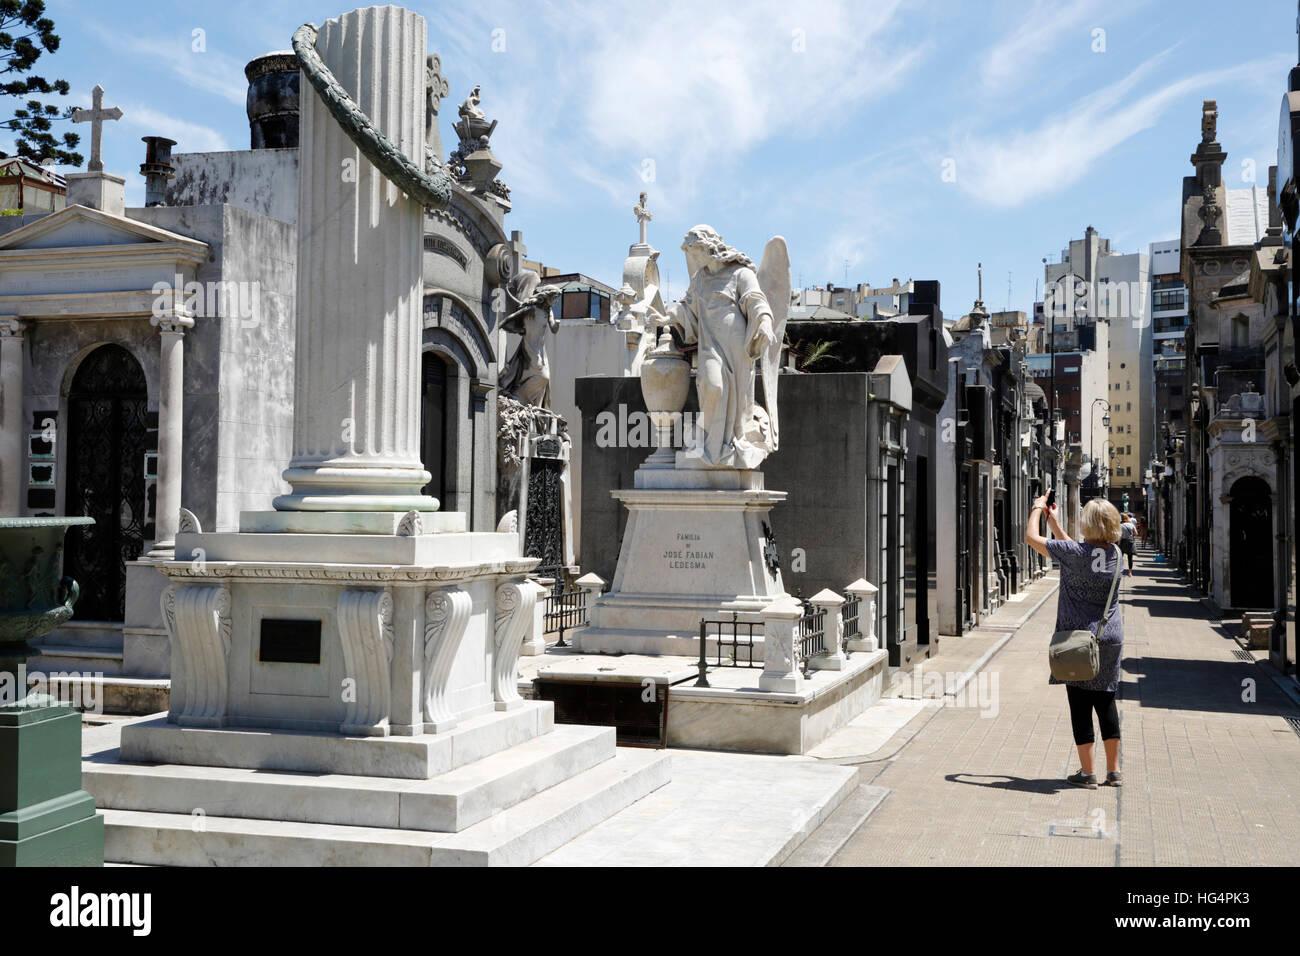 Famiglia mausolei nel Cementerio de la Recoleta, Buenos Aires, Argentina, Sud America Immagini Stock